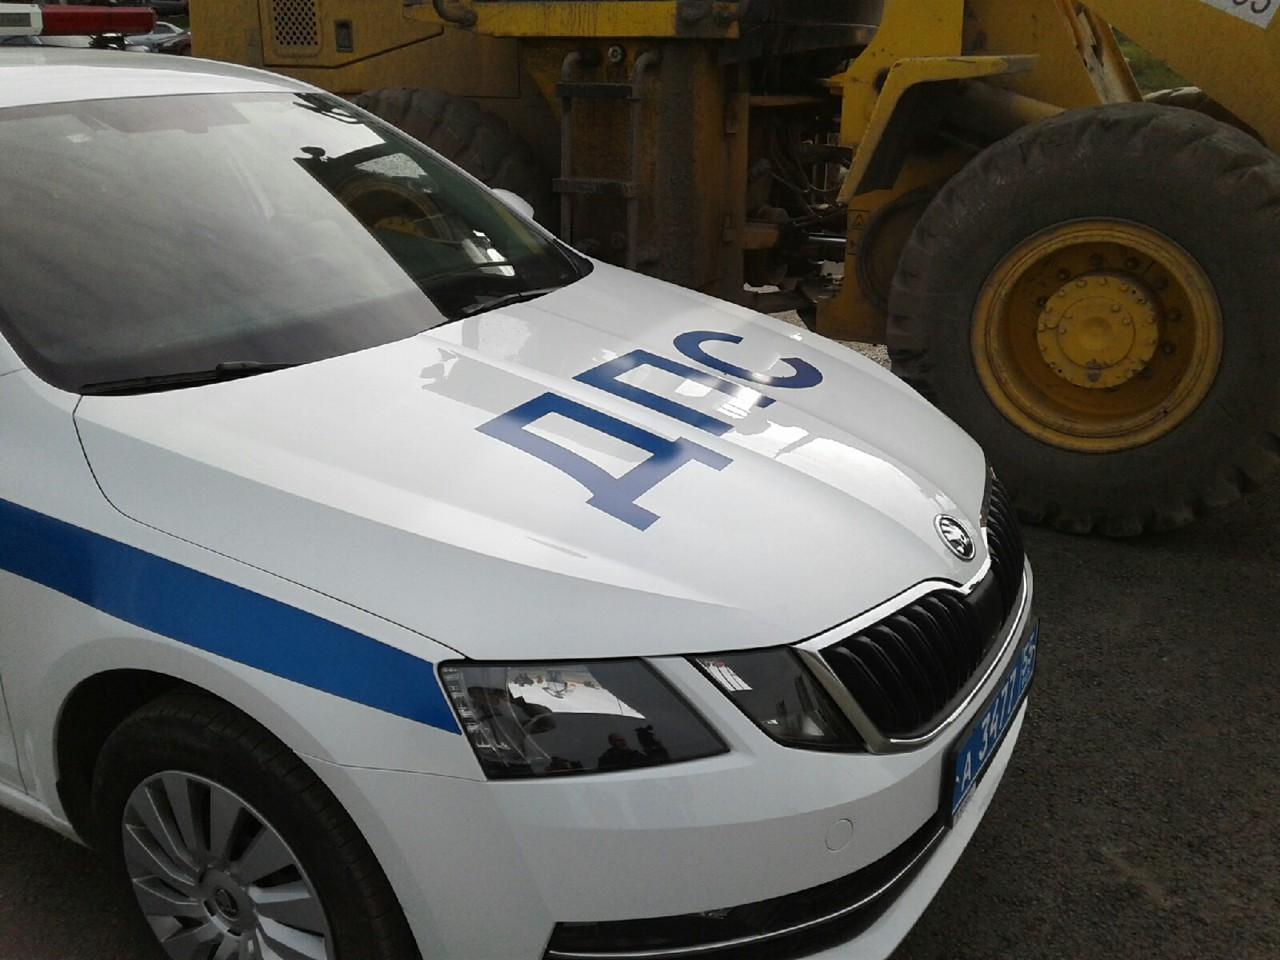 В Калачинске ищут водителя иномарки, который сбил ребенка #Новости #Общество #Омск